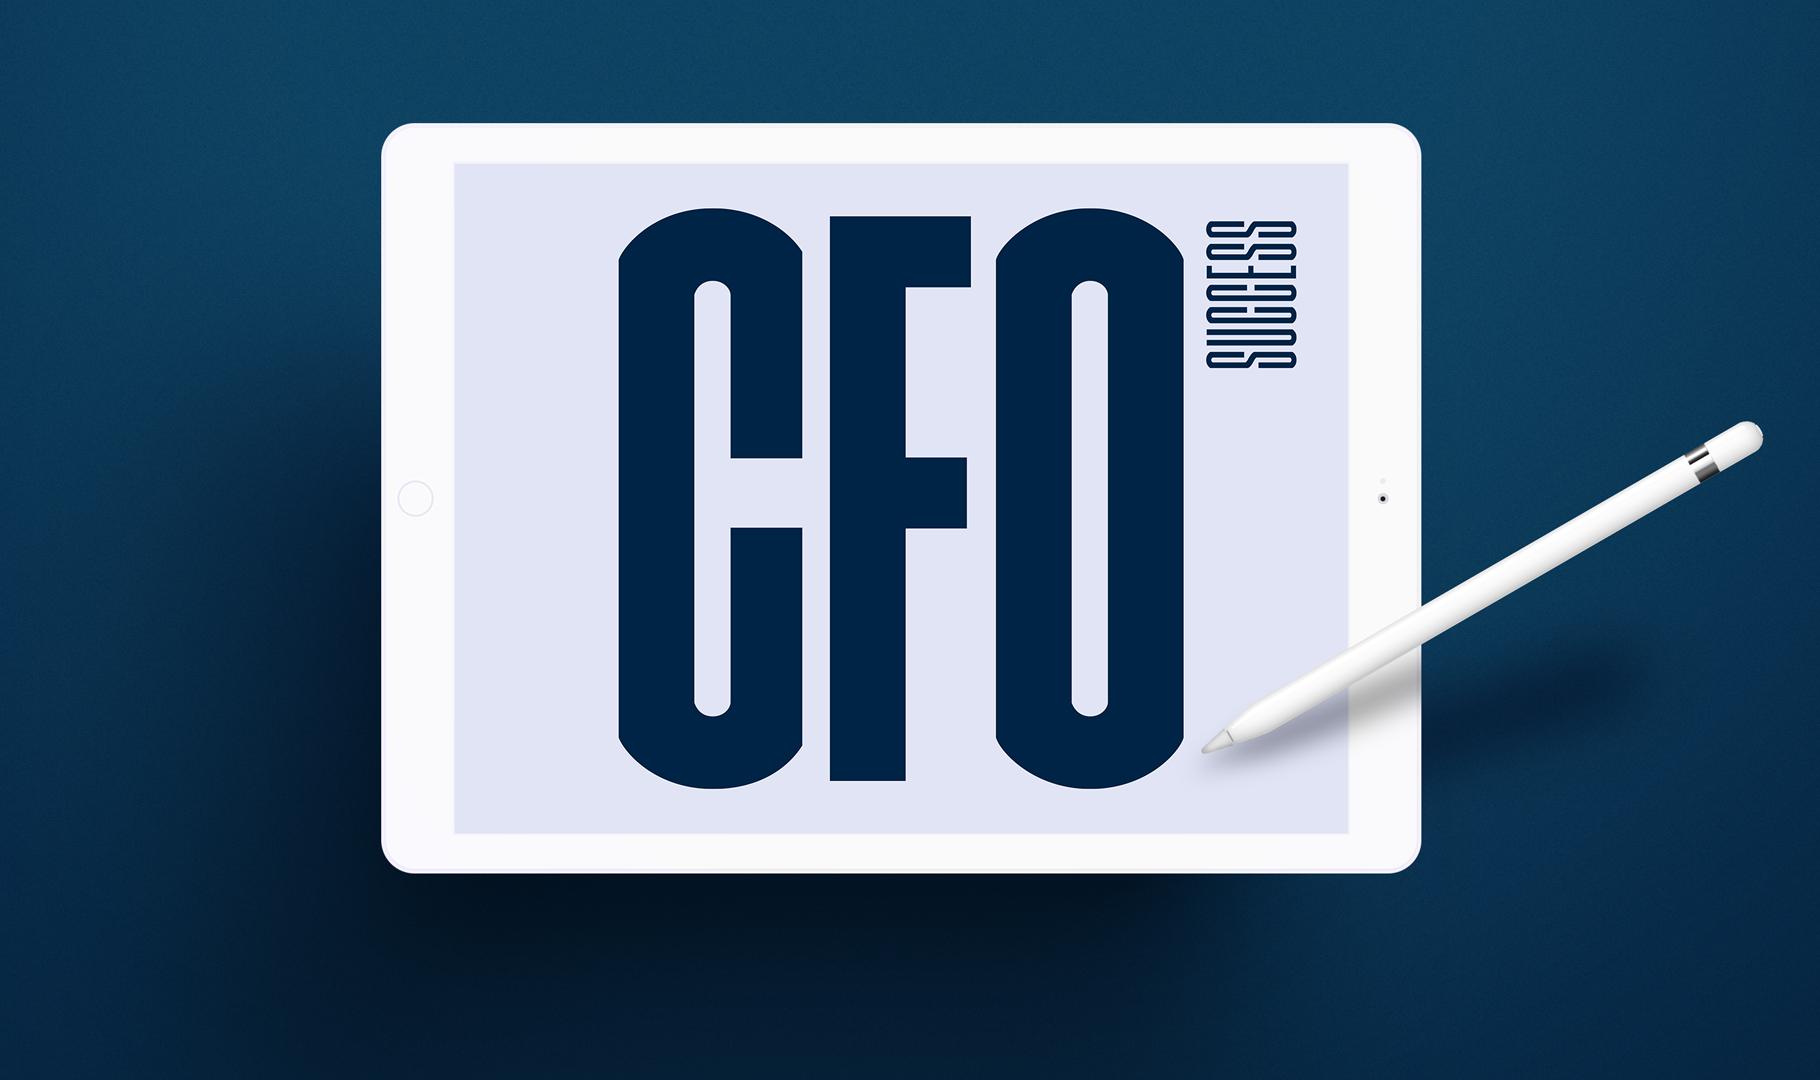 CFO_169-1